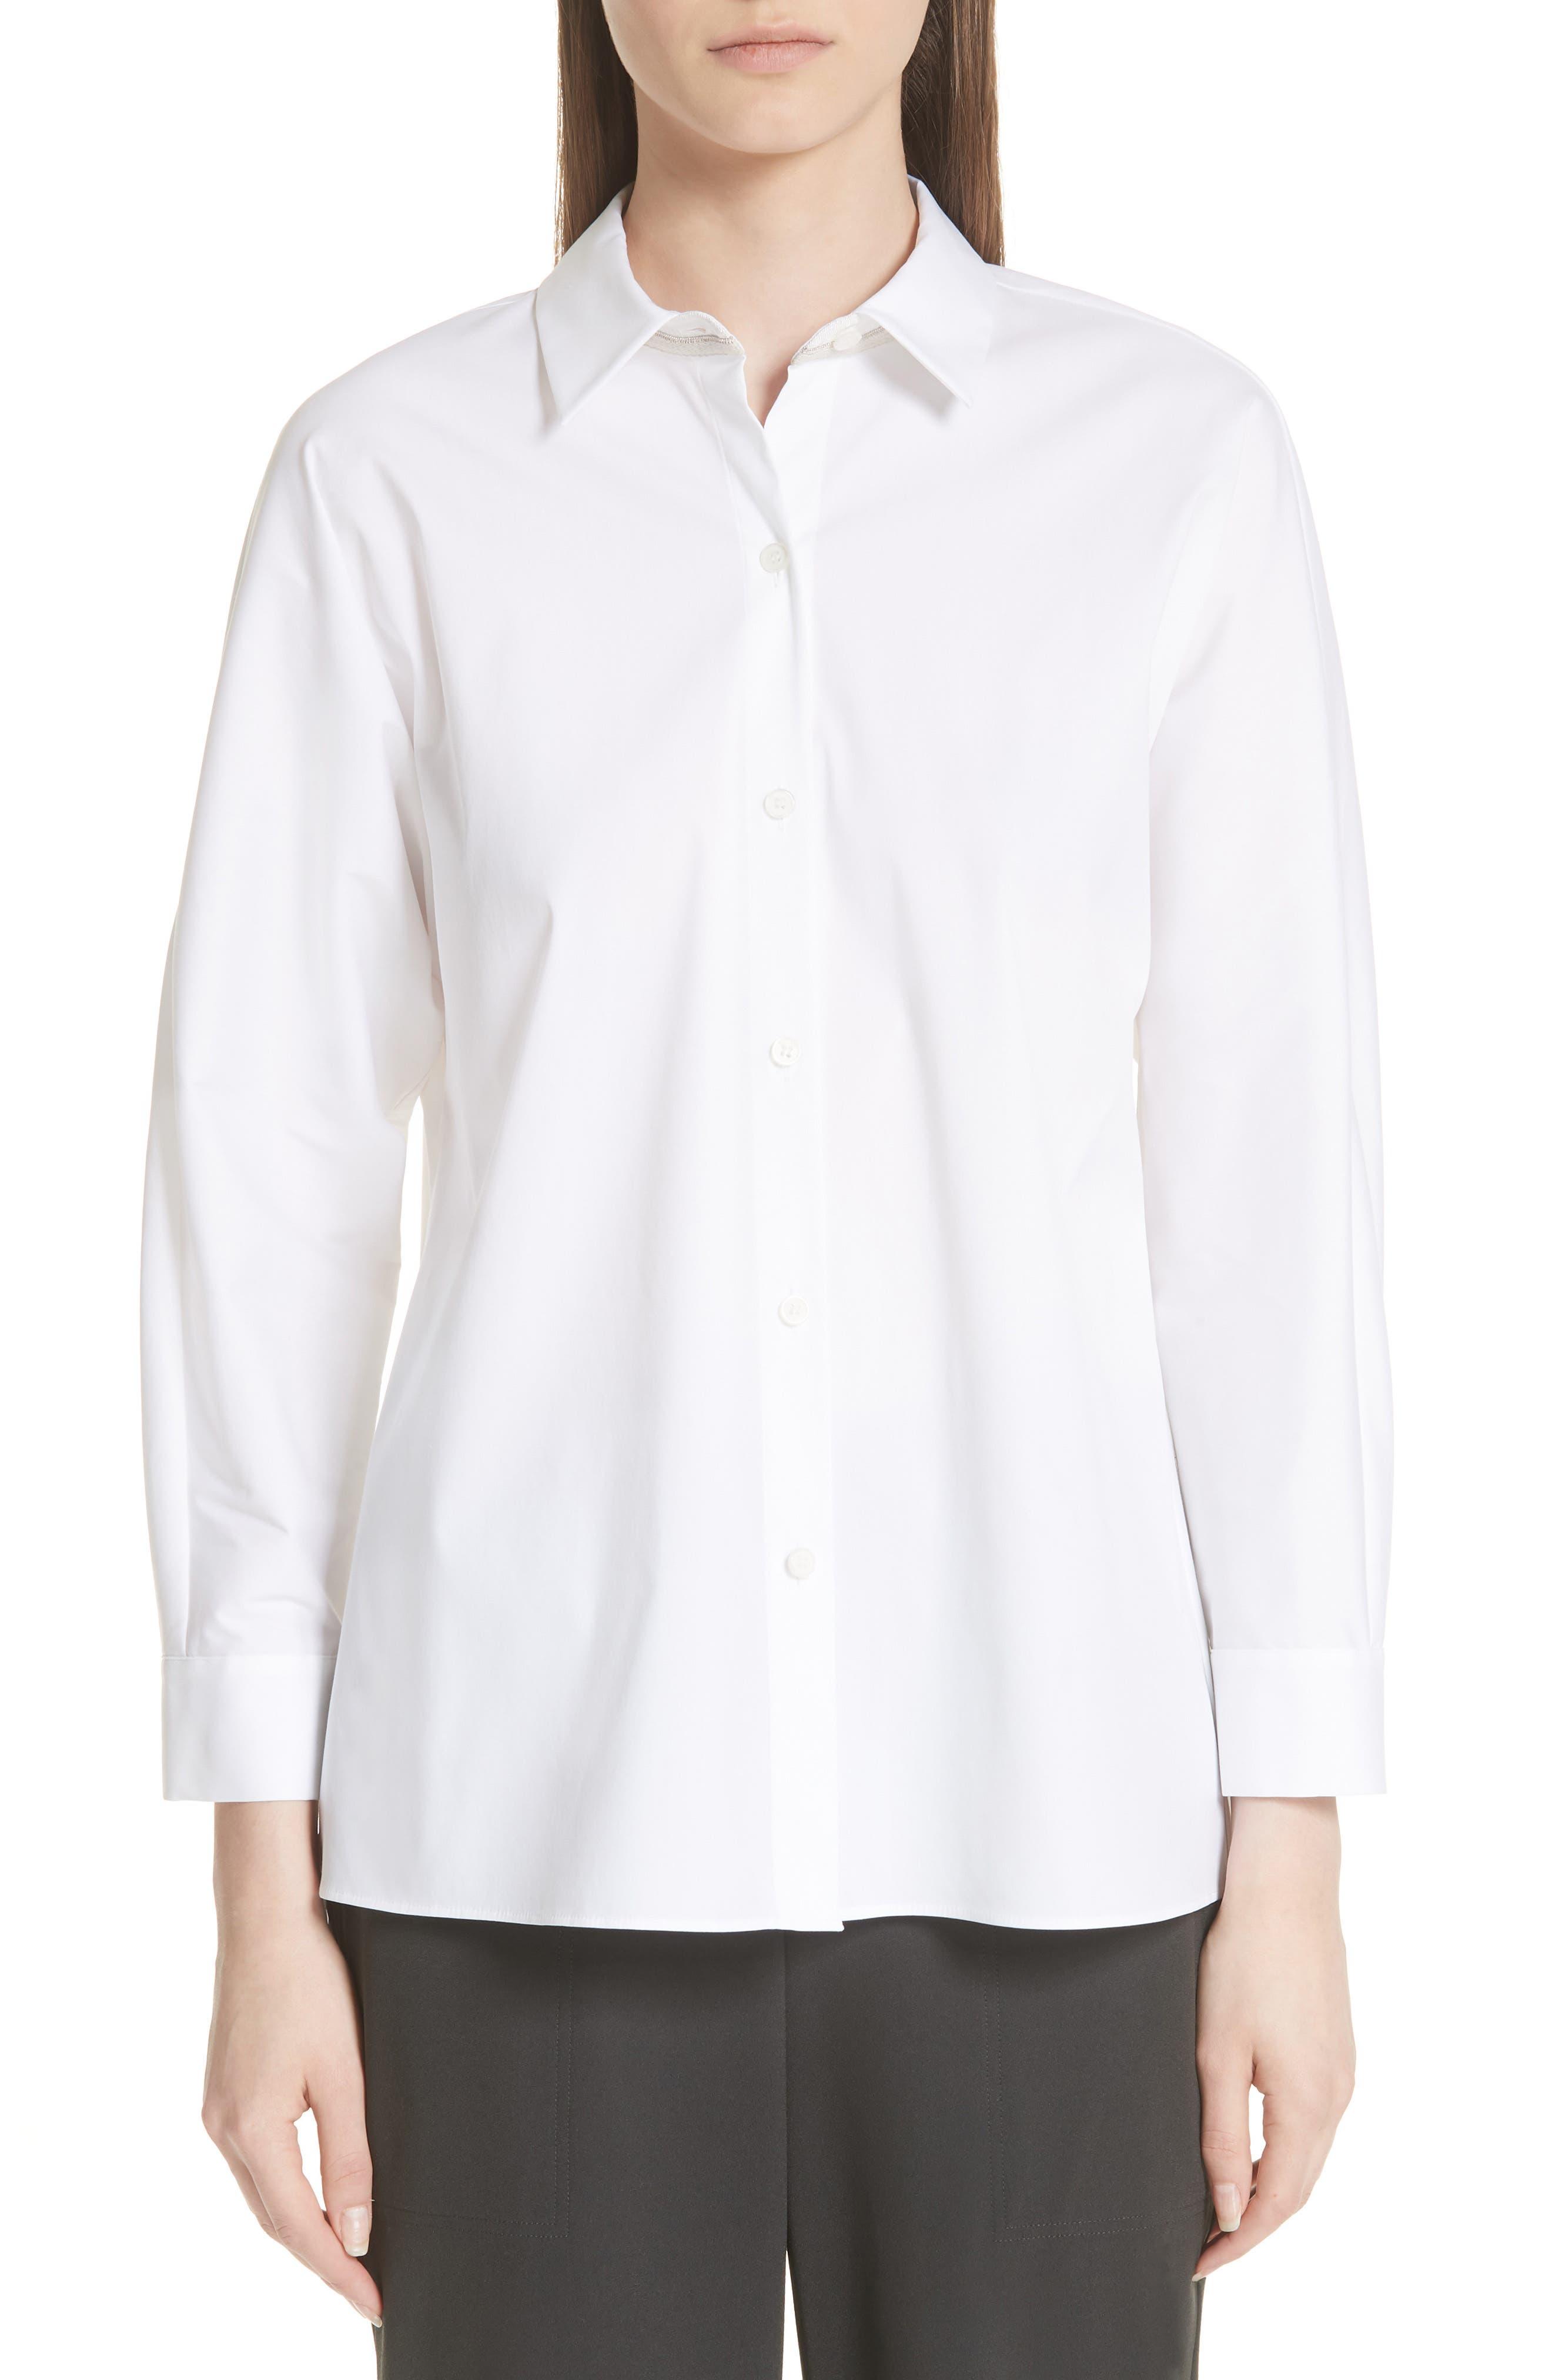 Felicity Cotton Blend Blouse,                             Main thumbnail 1, color,                             WHITE